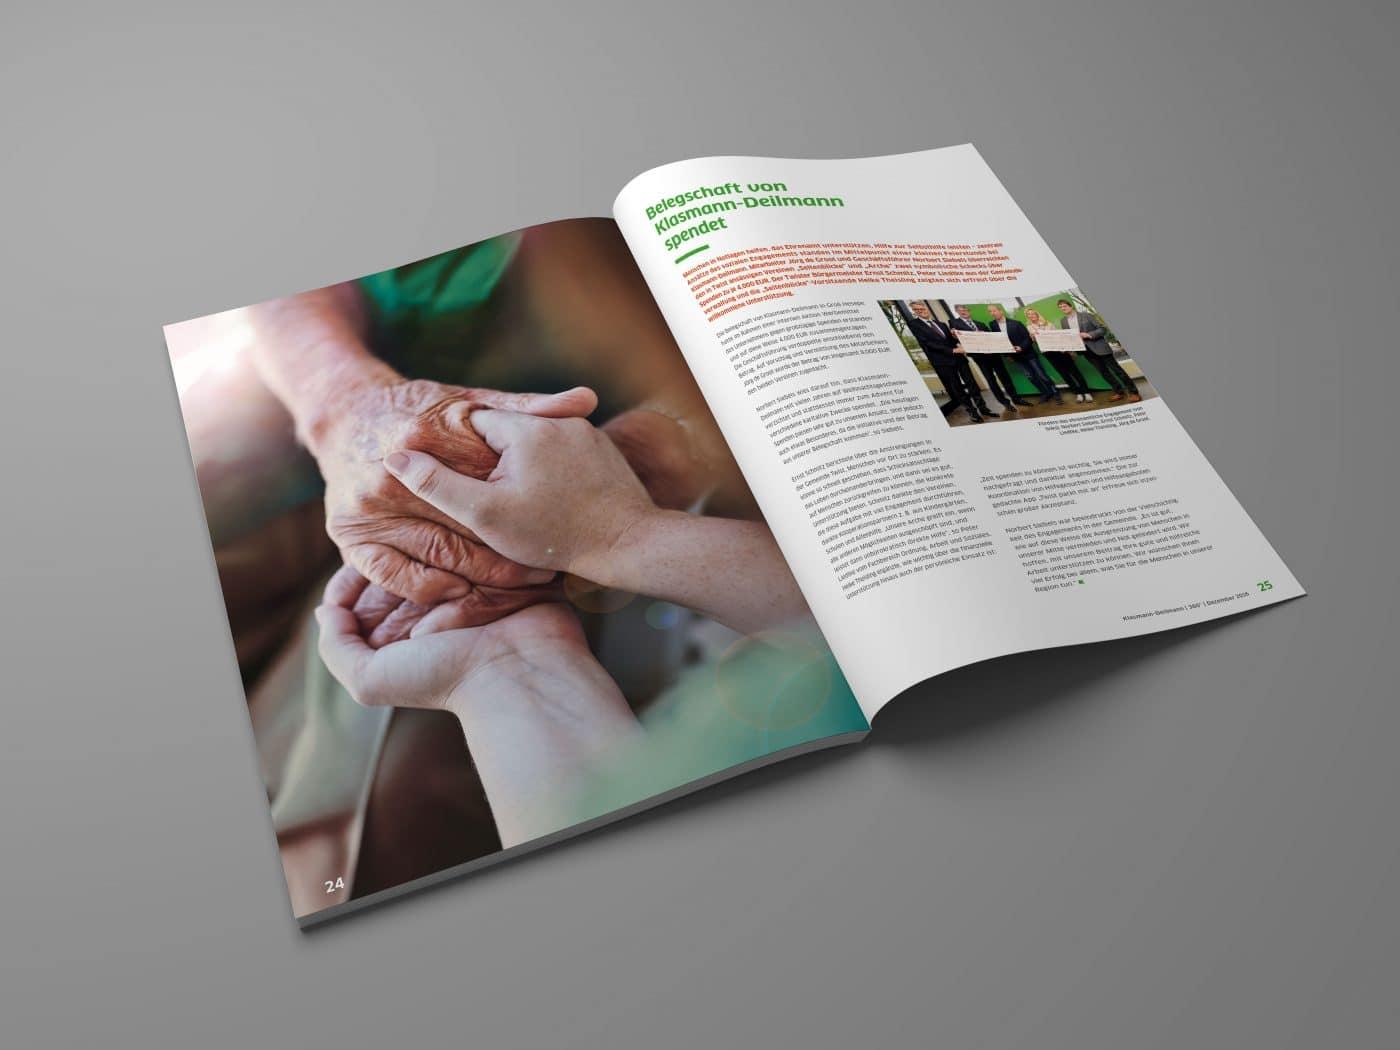 kd jahrbuch 03 - Ein rundum gelungenes Mitarbeiterjahrbuch – Corporate Design, Grafikdesign, Kommunikationsdesign, Branding, Markenentwicklung, Editorial Design